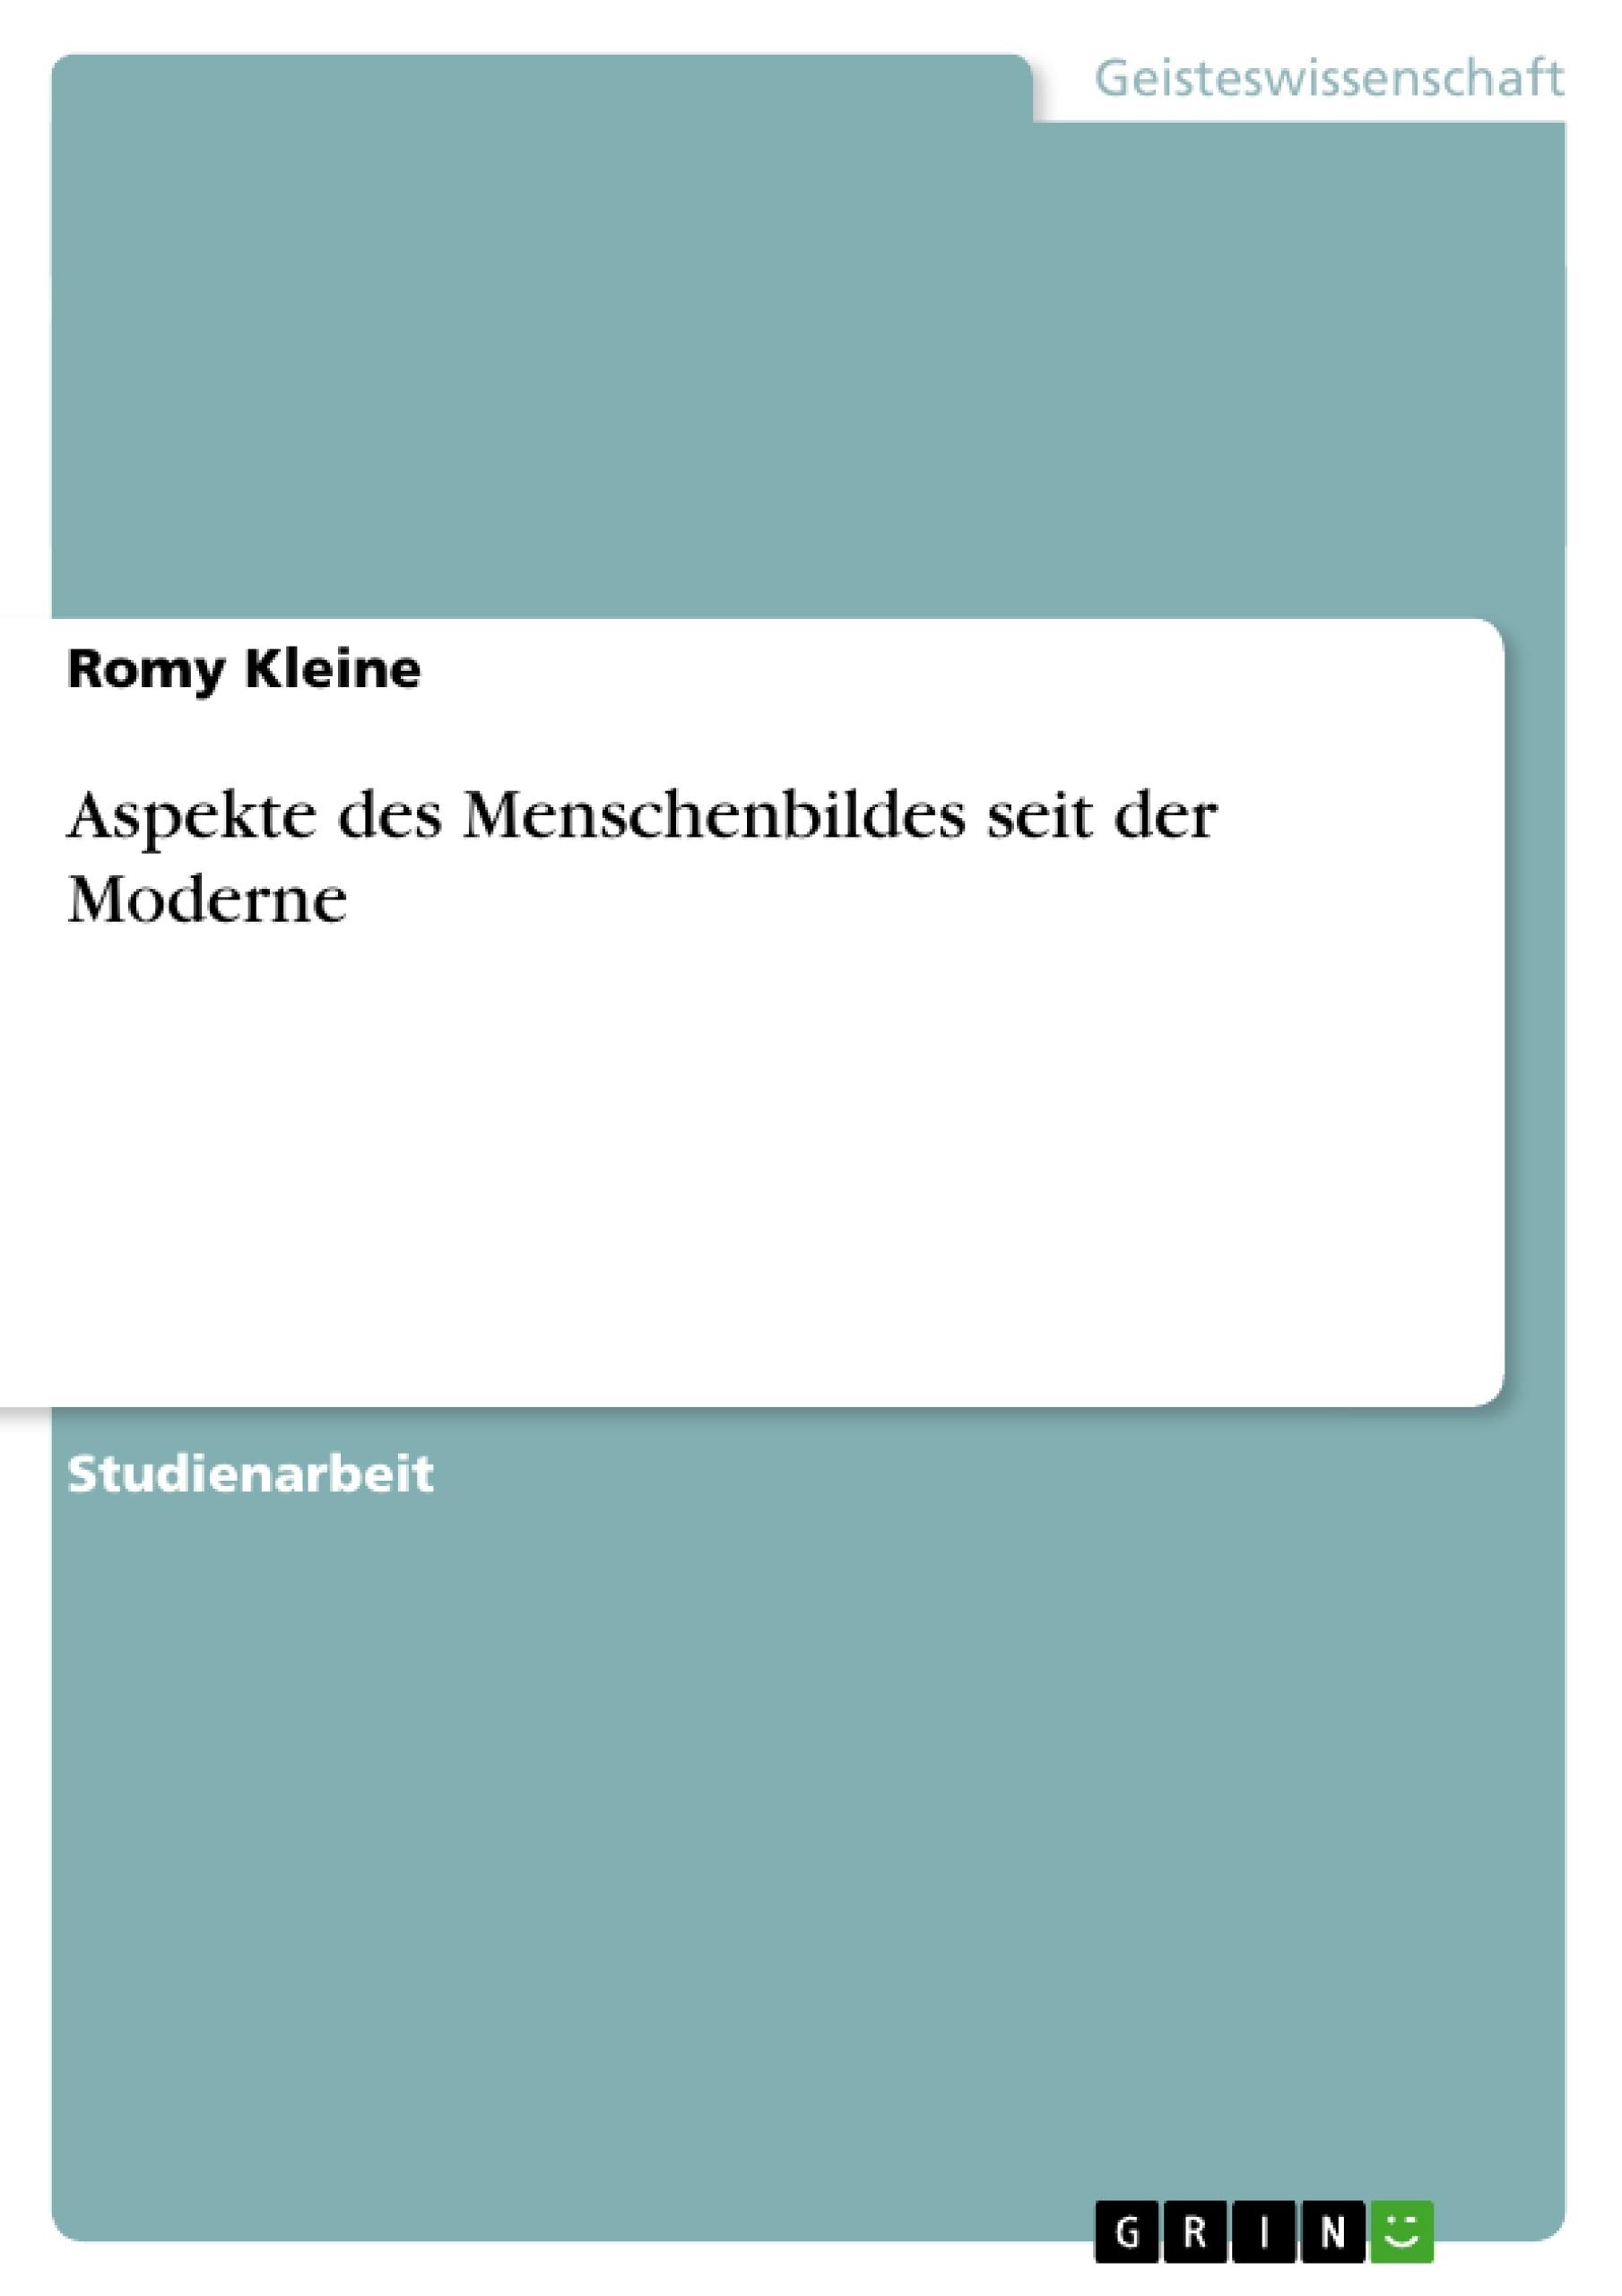 Titel: Aspekte des Menschenbildes seit der Moderne